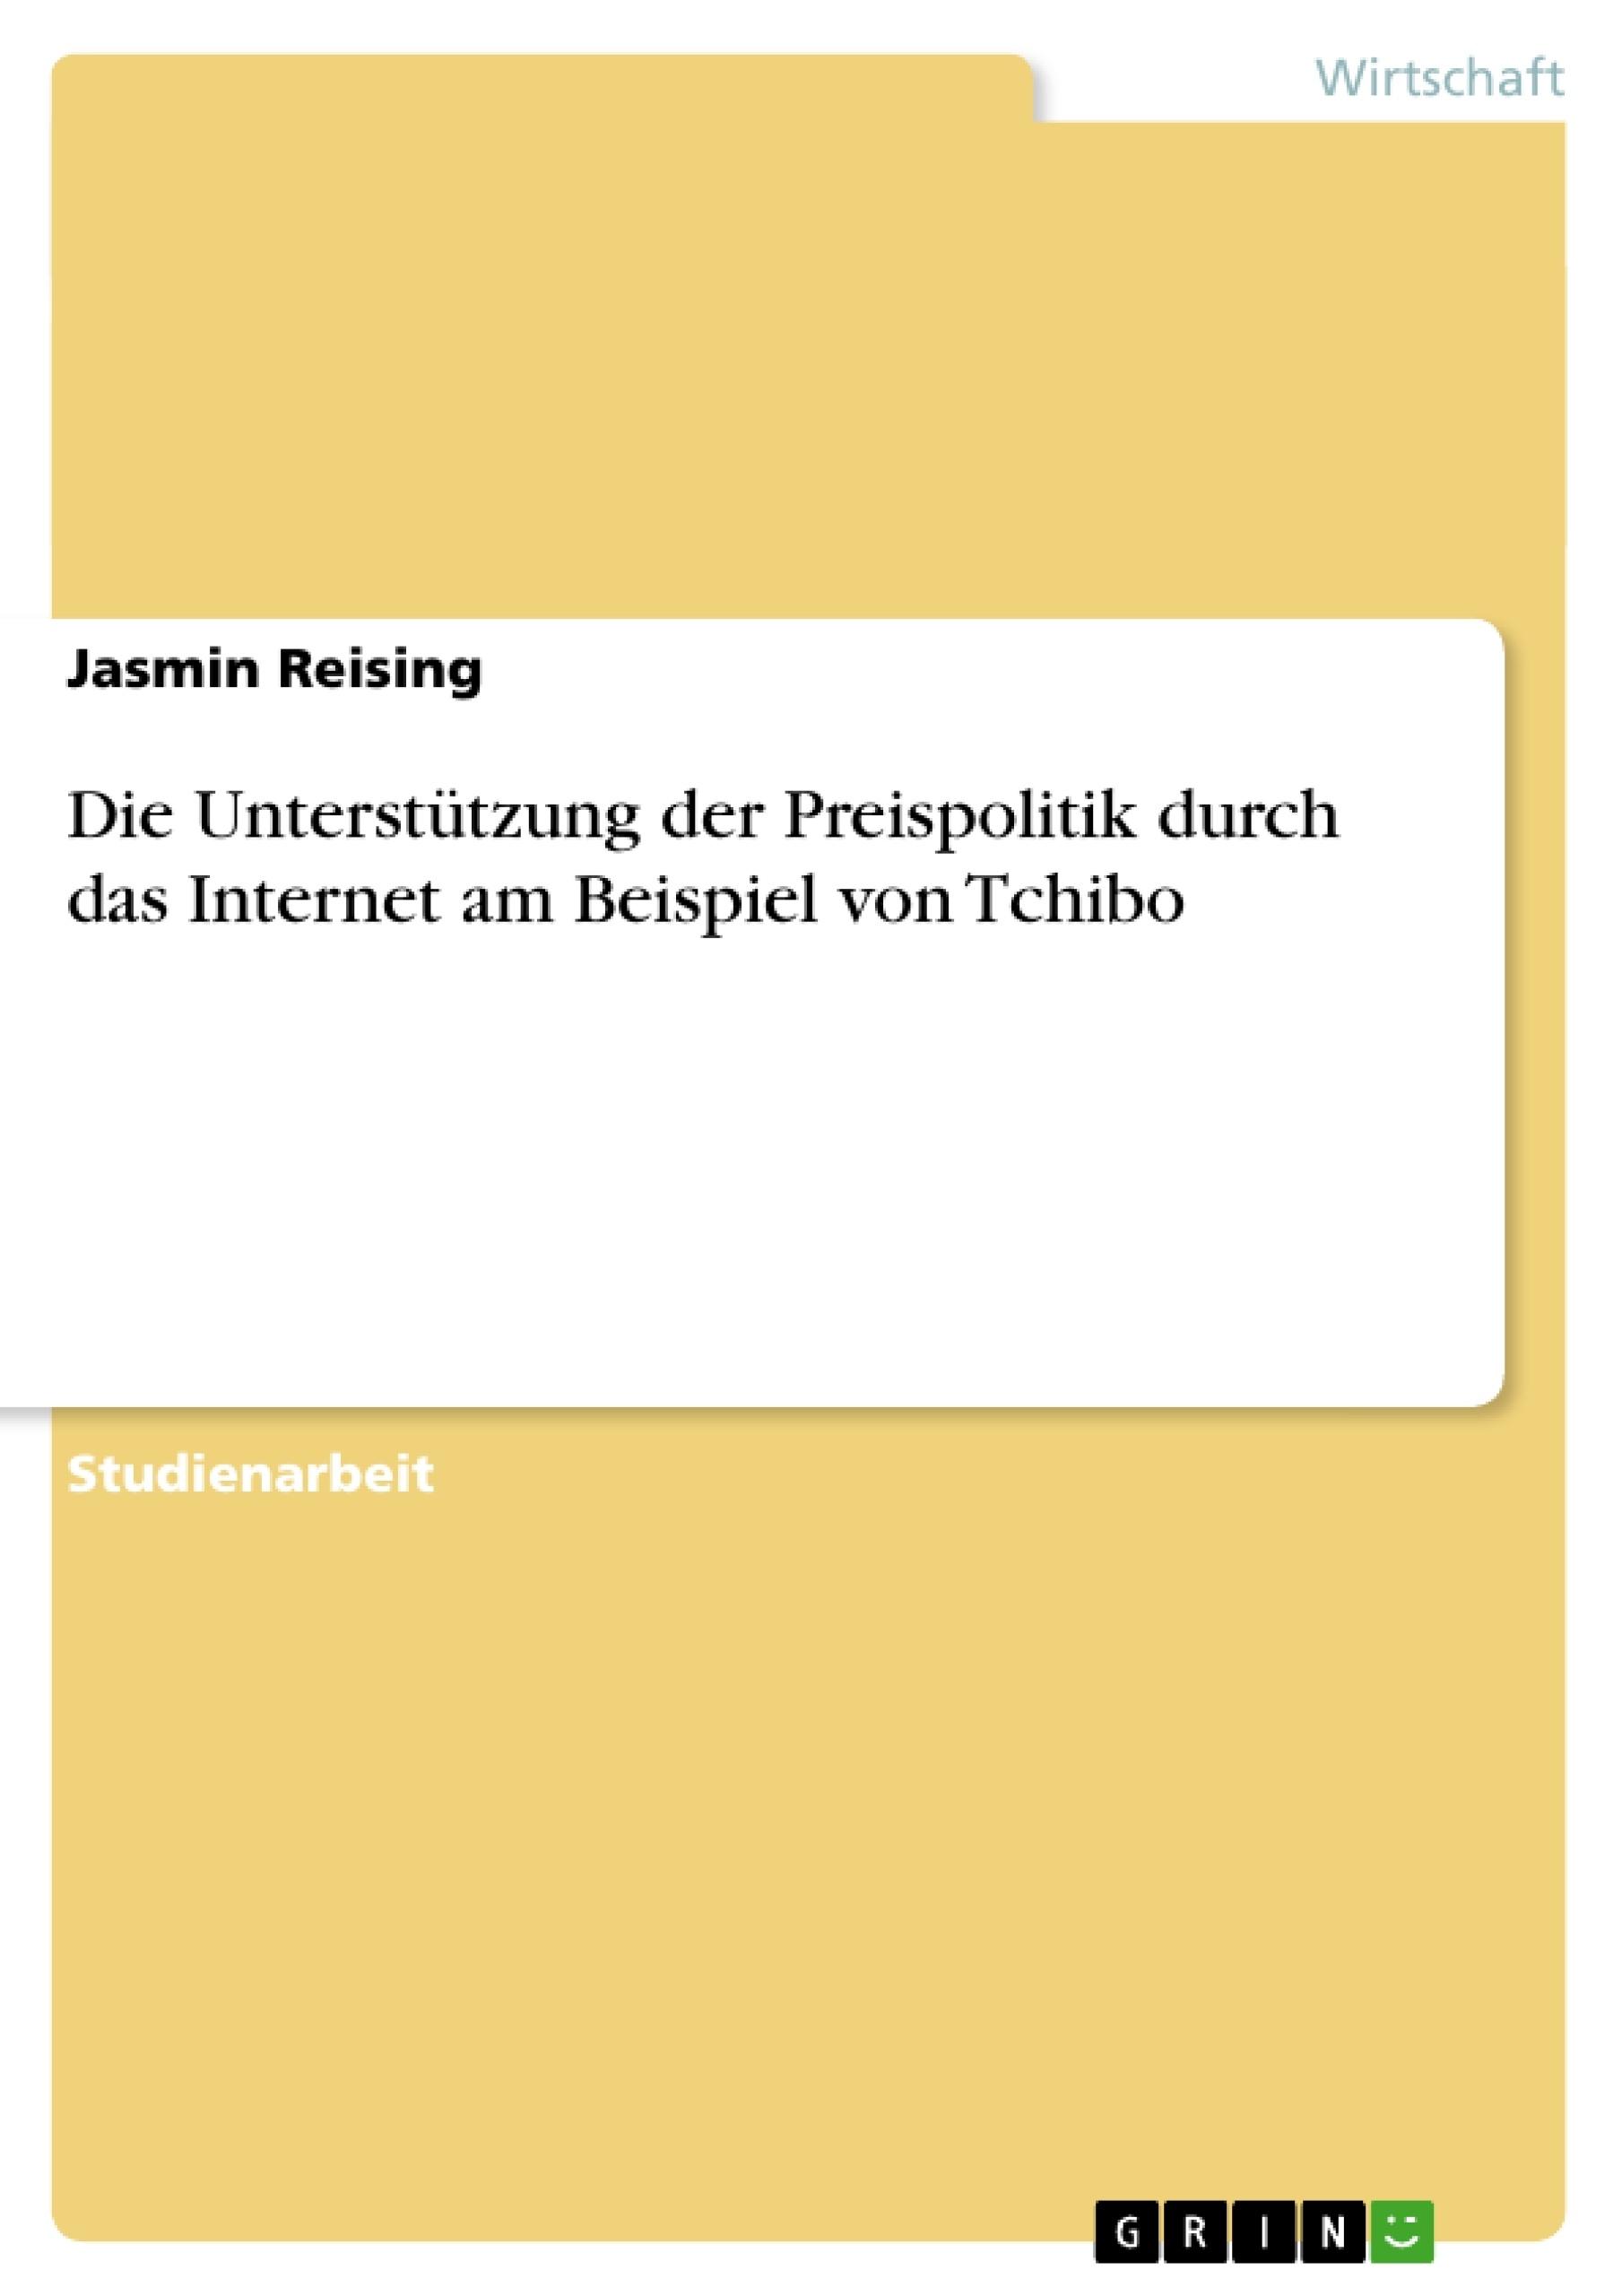 Titel: Die Unterstützung der Preispolitik durch das Internet am Beispiel von Tchibo